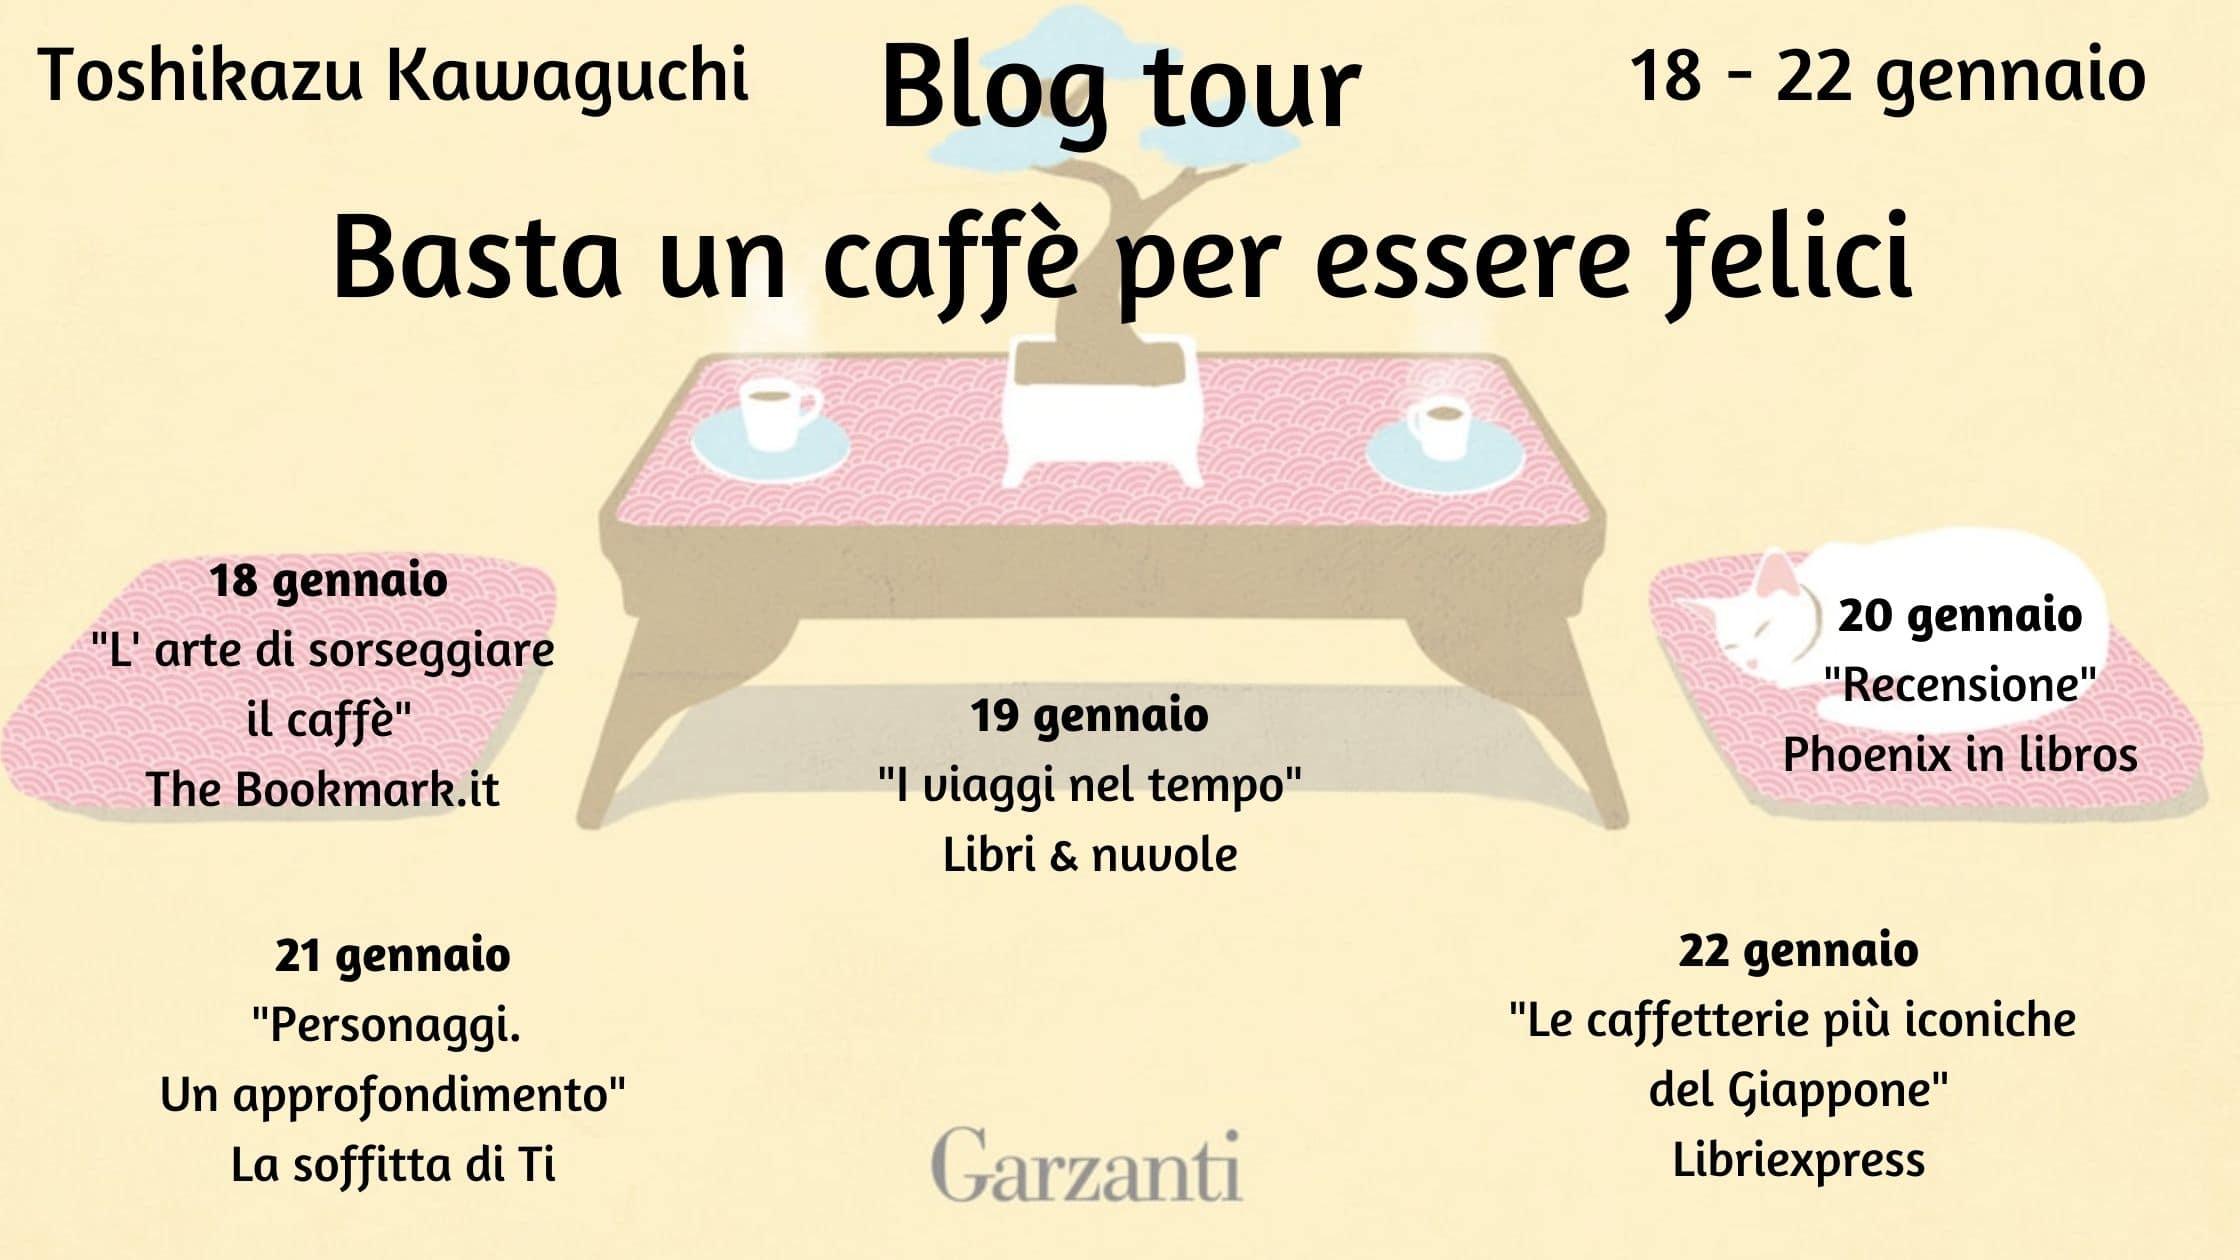 l'arte di sorseggiare il caffè